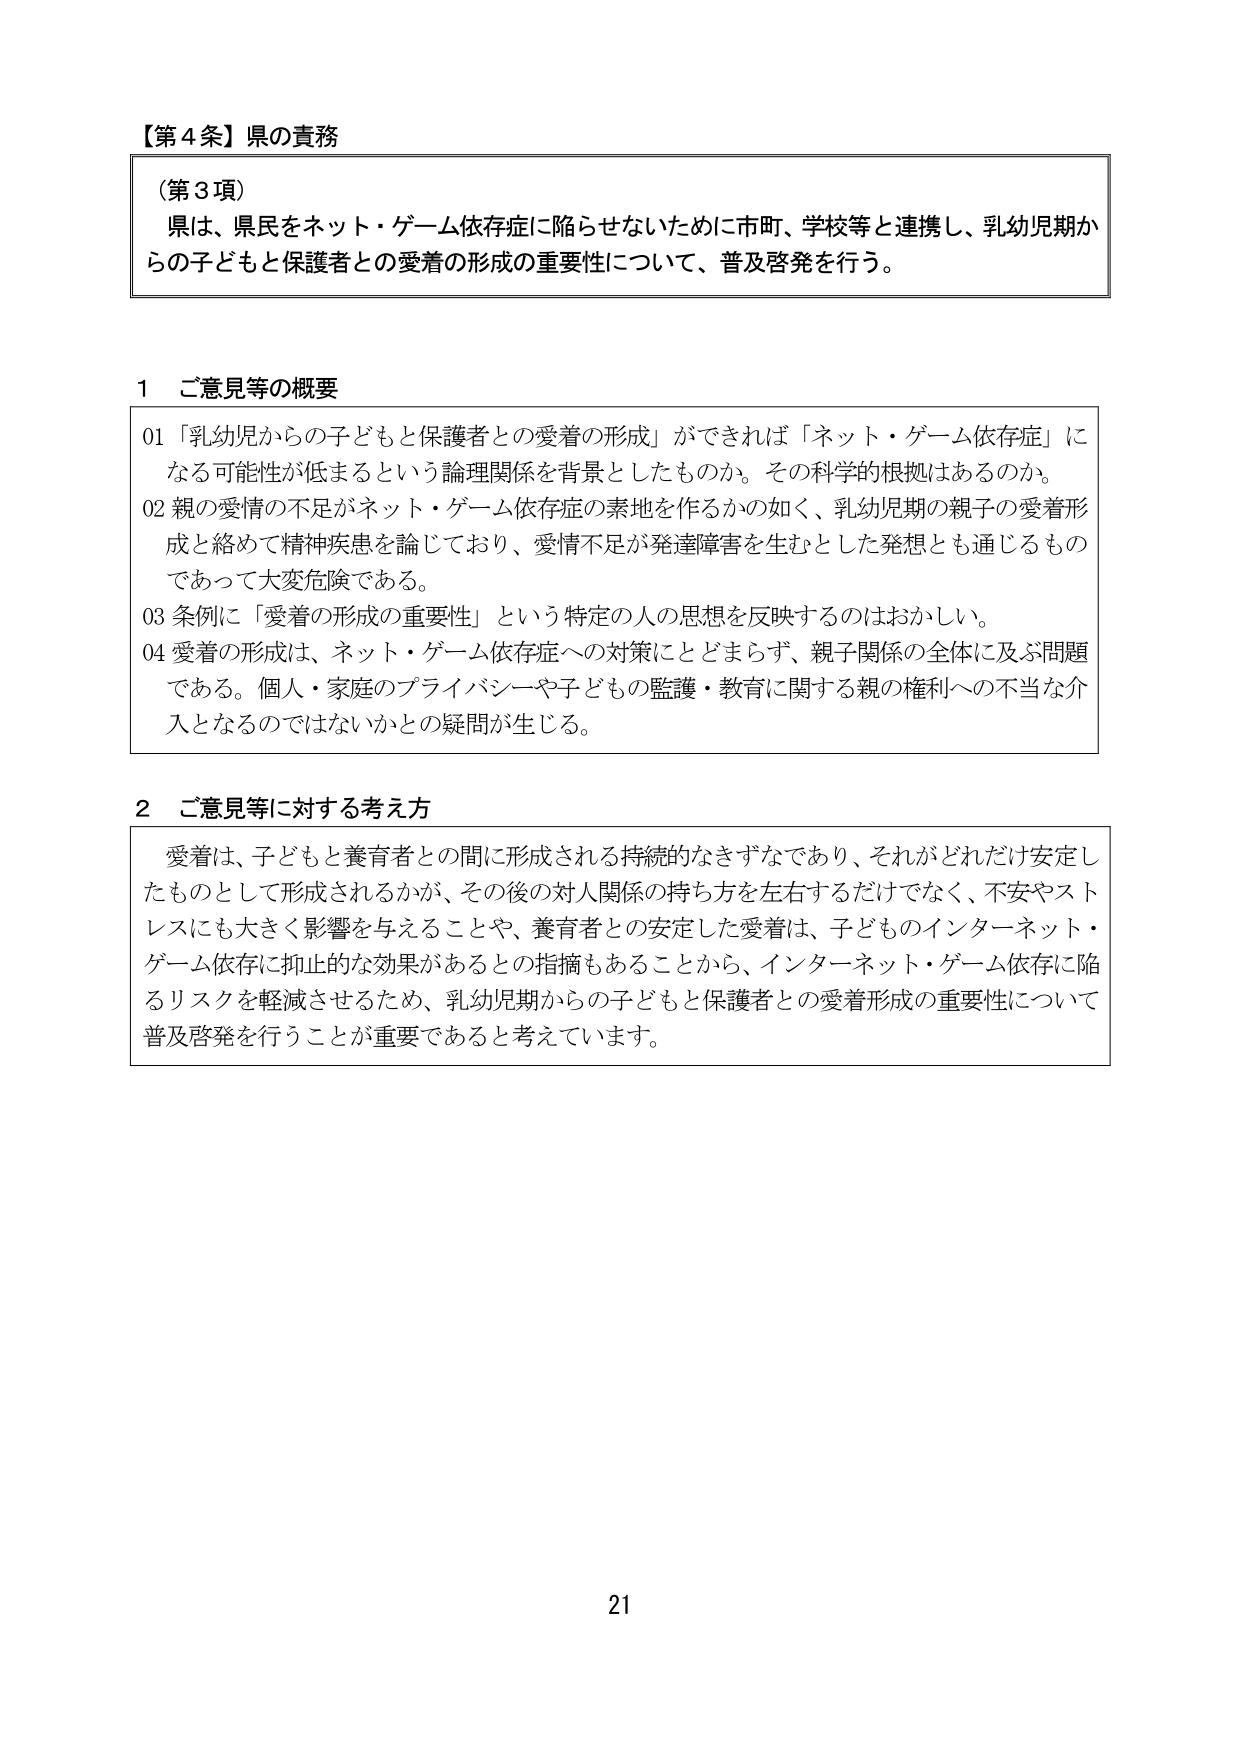 7 4 - 香川県議会、ゲーム1日60分まで条例が可決成立